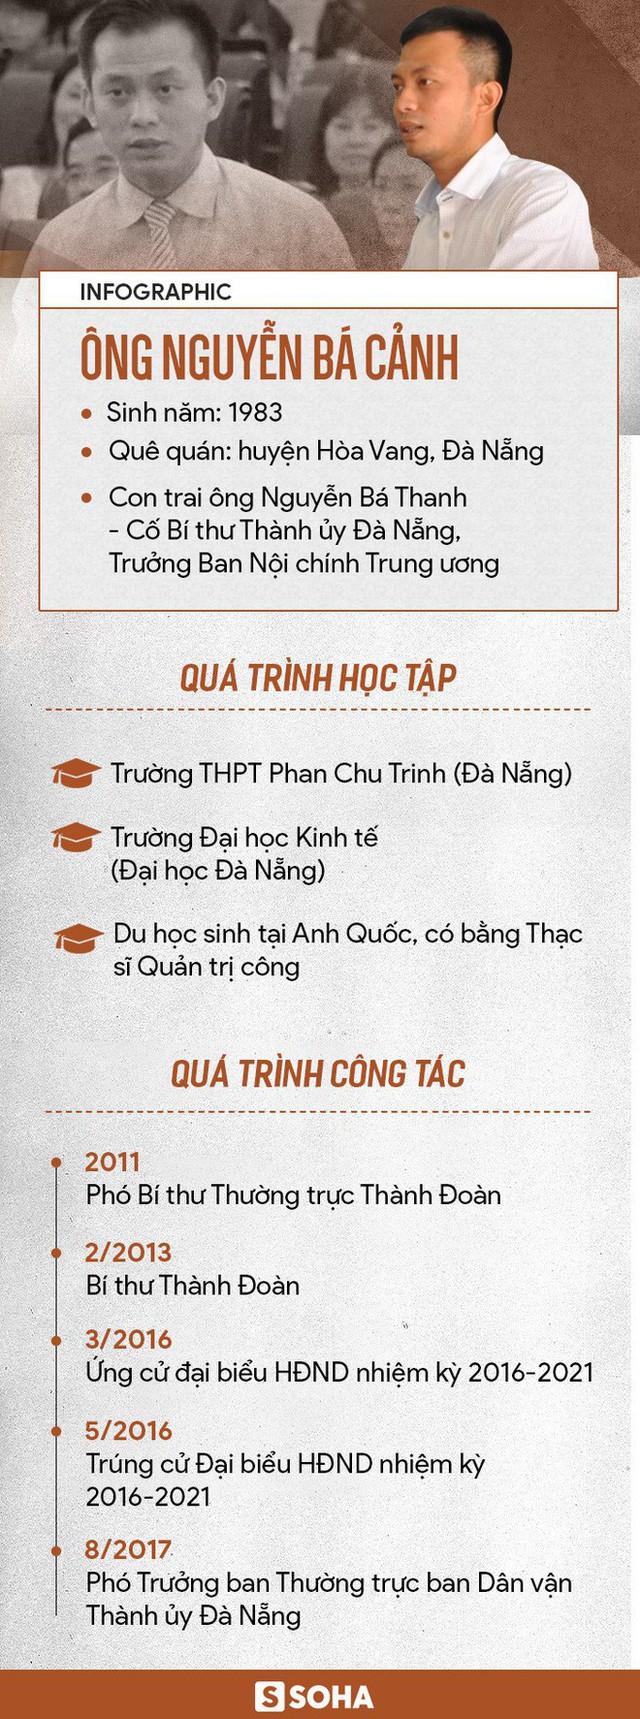 Đường sự nghiệp của ông Nguyễn Bá Cảnh trước khi bị đề nghị cách hết các chức vụ trong Đảng - Ảnh 4.